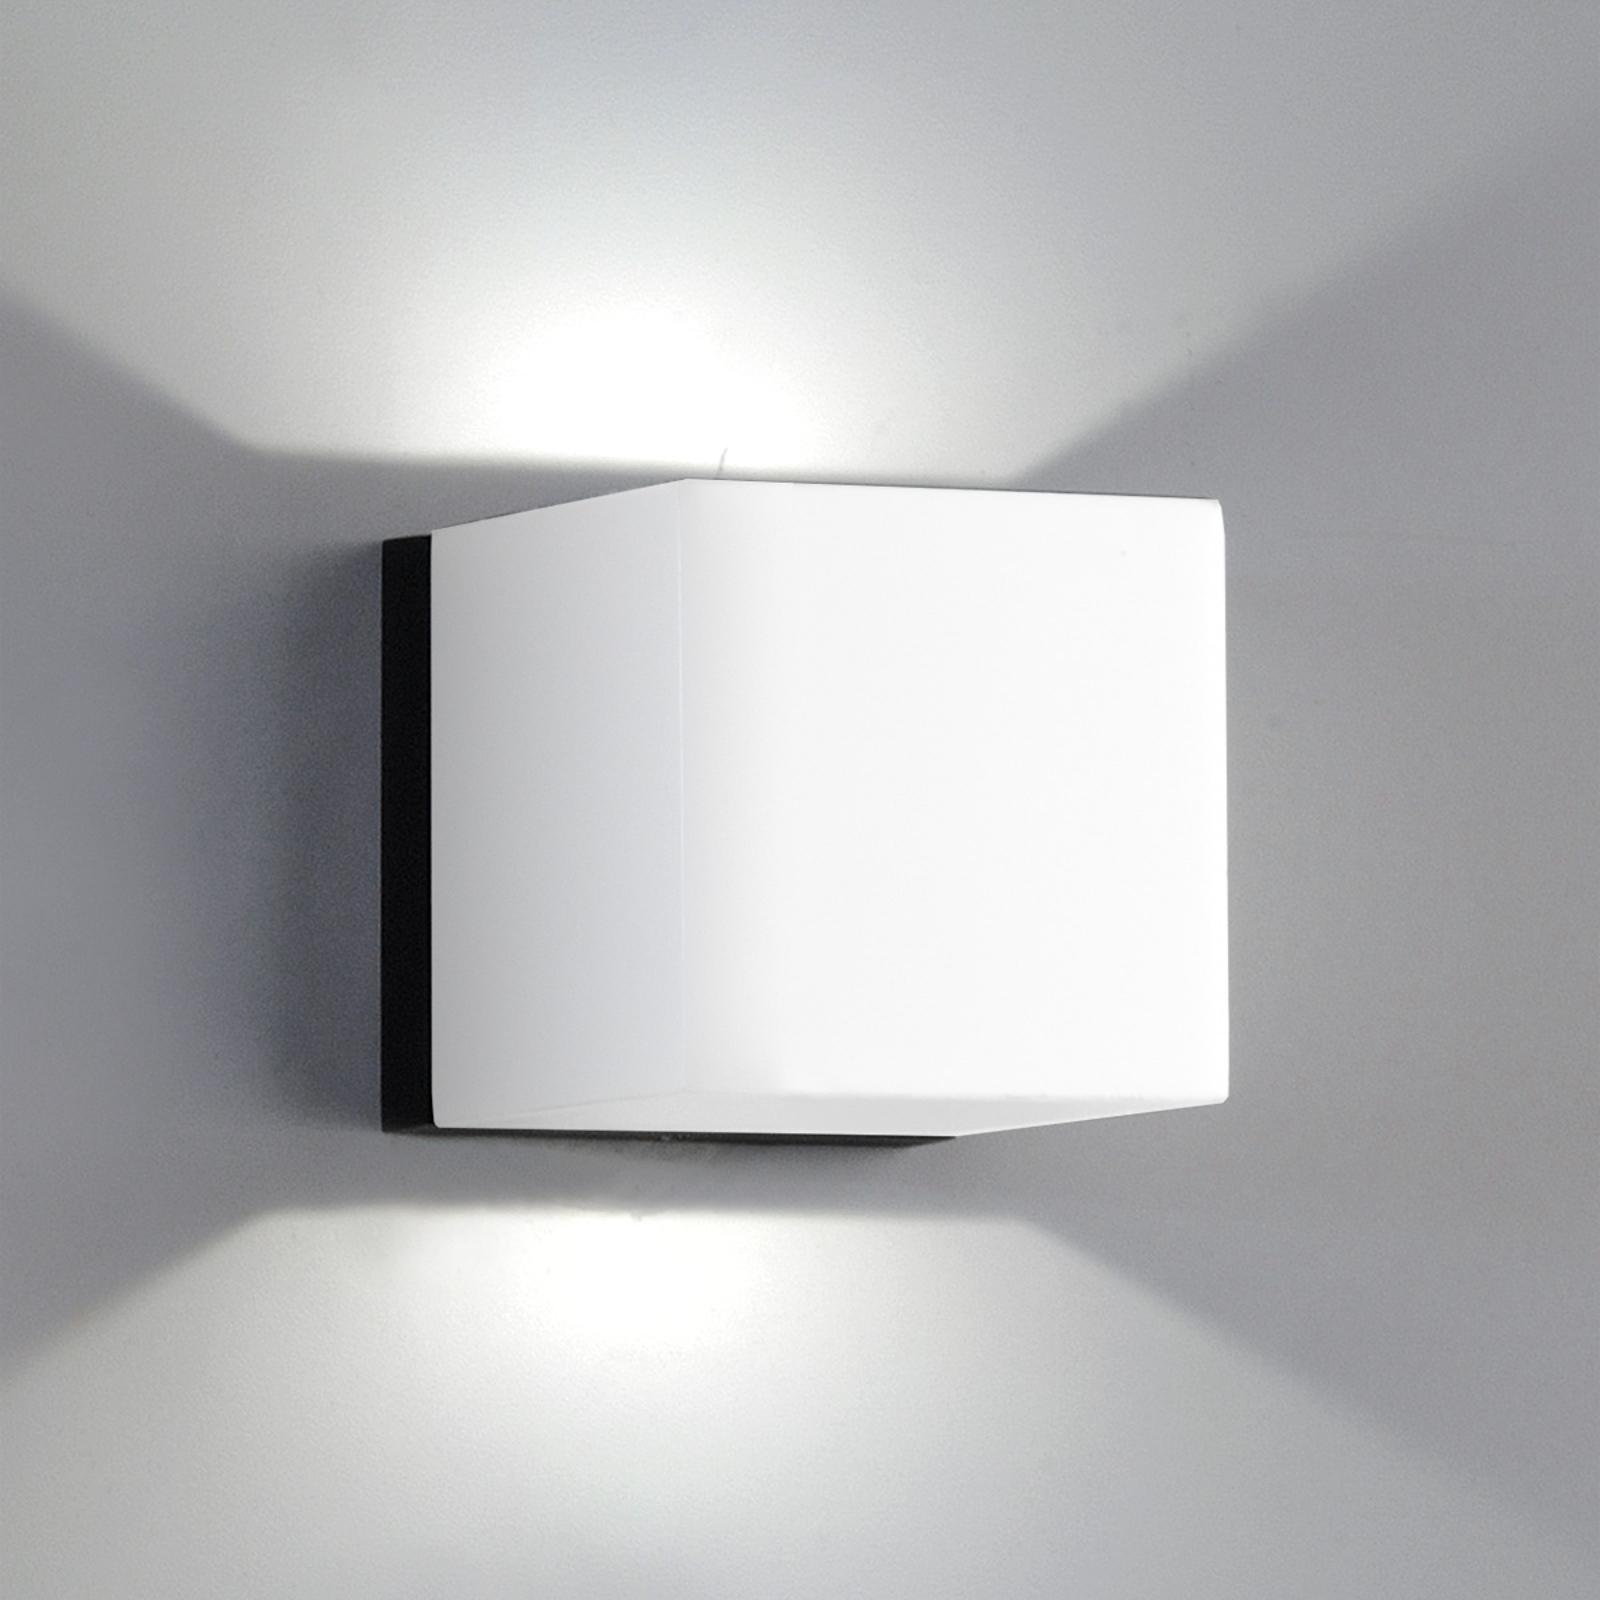 LED-seinävalaisin Dau Mini, 2 lamppua, valkoinen